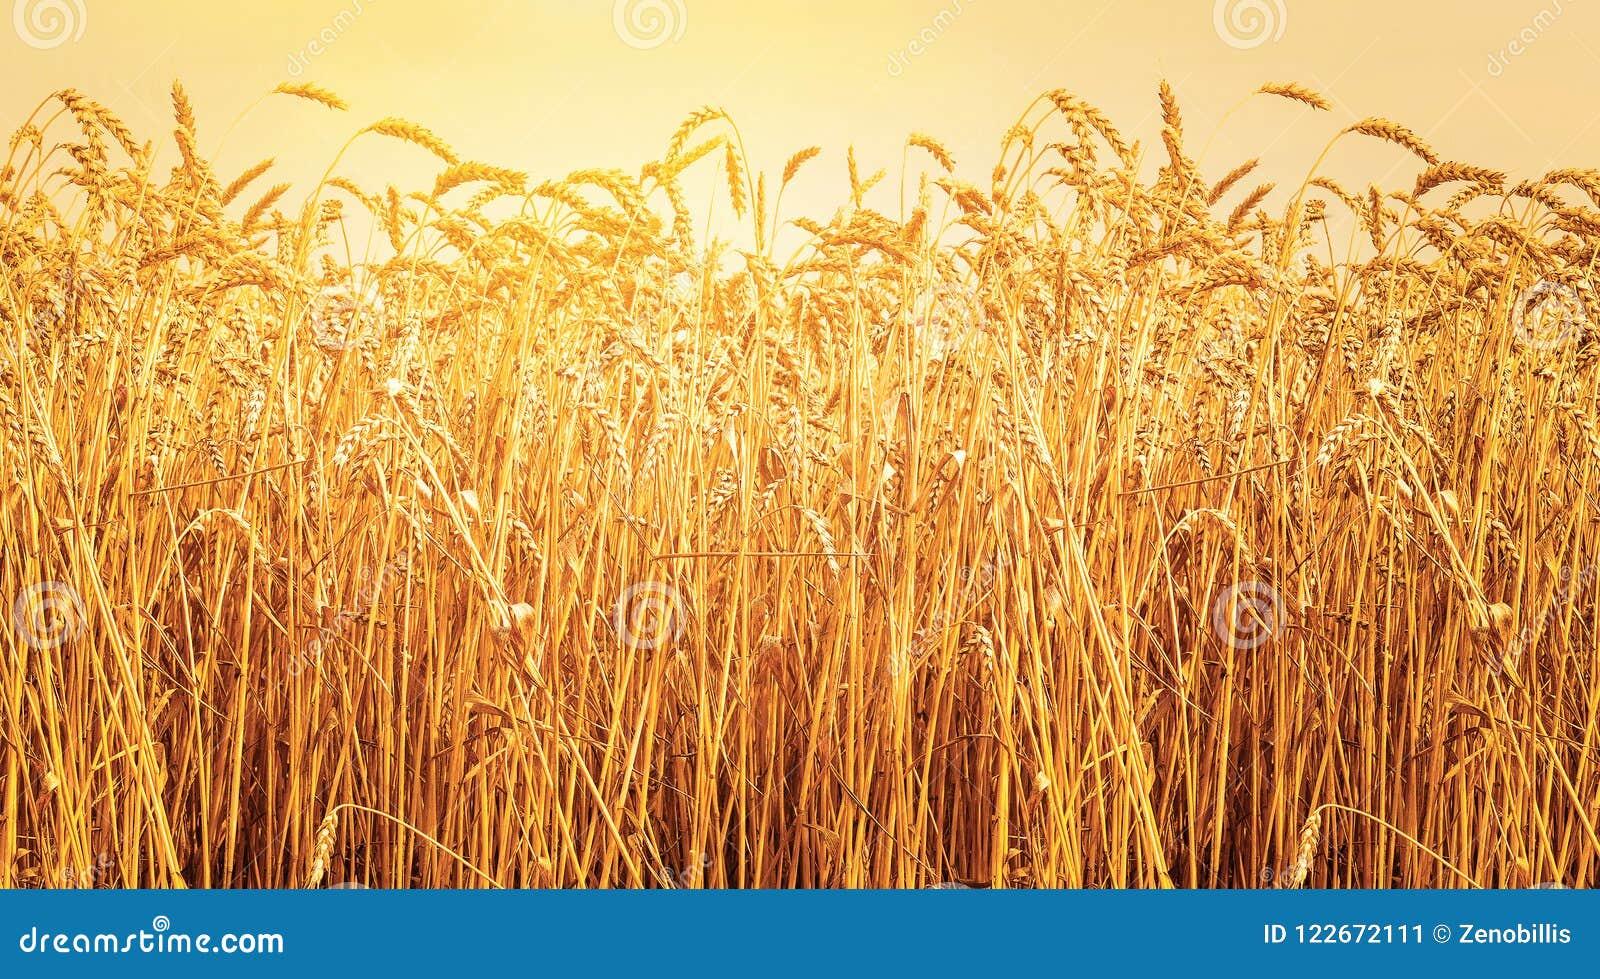 Ώριμα αυτιά του σίτου στον τομέα κατά τη διάρκεια του ηλιοβασιλέματος συγκομιδών Θερινό τοπίο γεωργίας αγροτική σκηνή